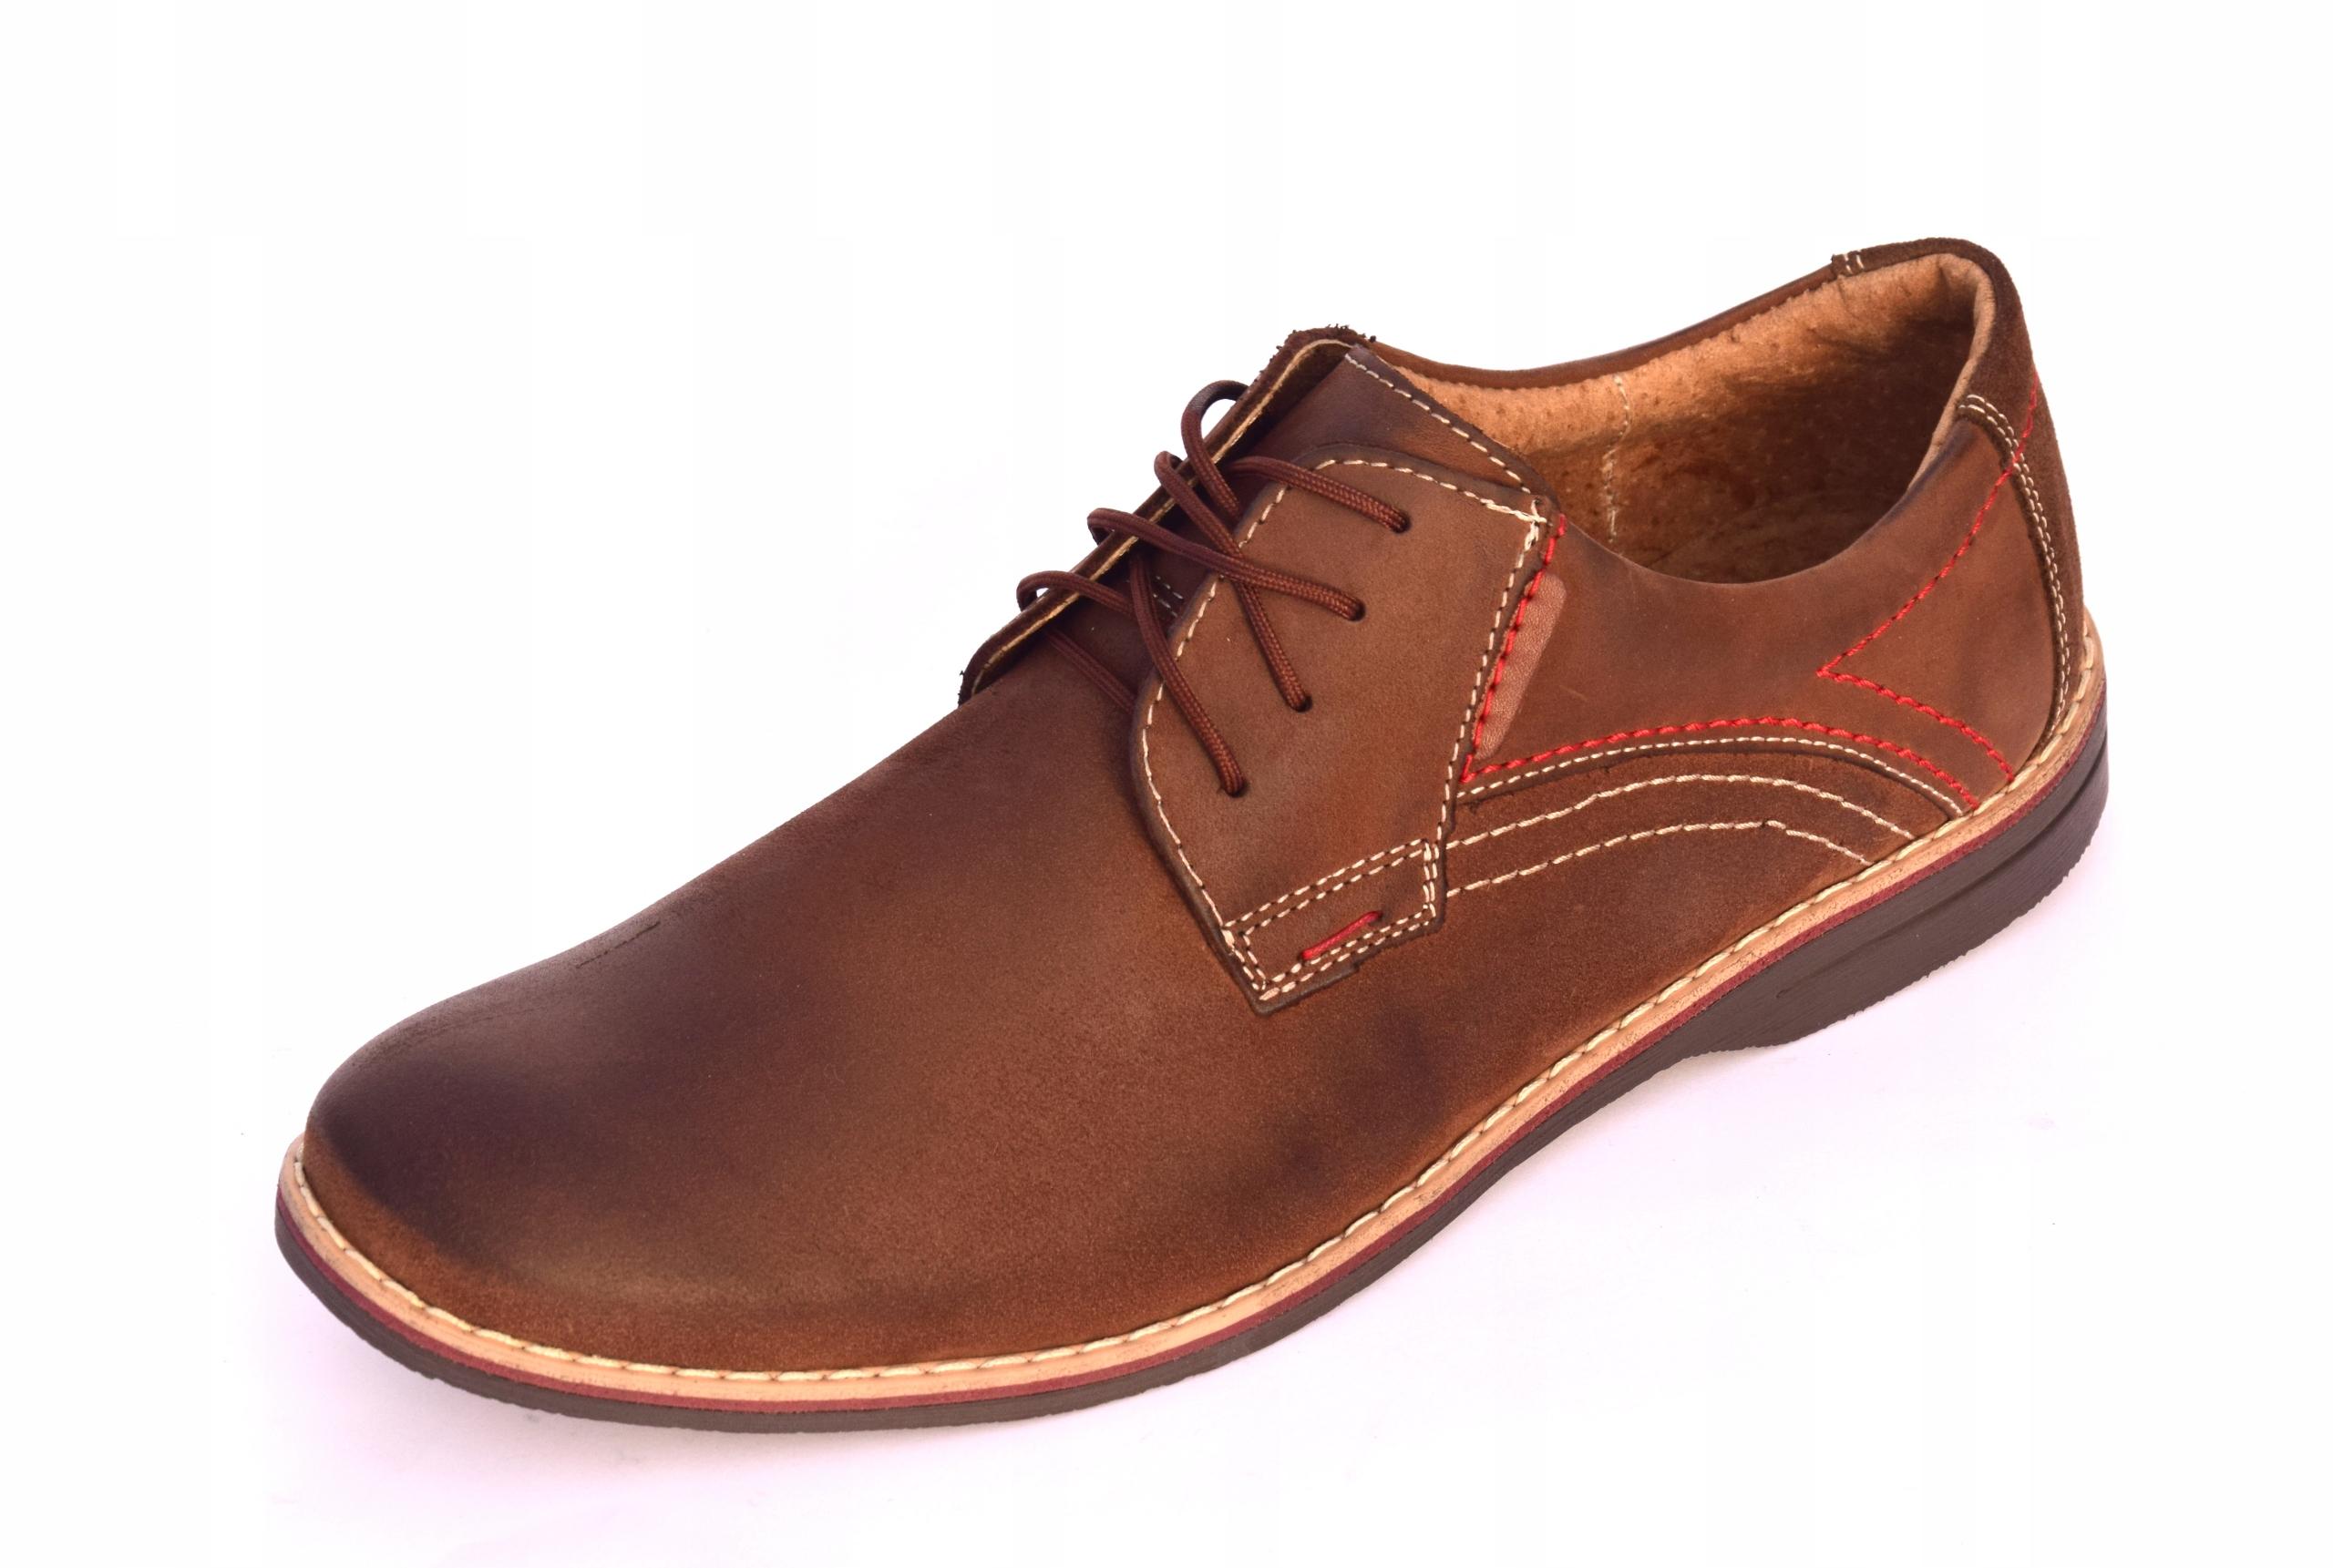 Buty męskie brązowe obuwie skórzane polskie 242 Marka inna